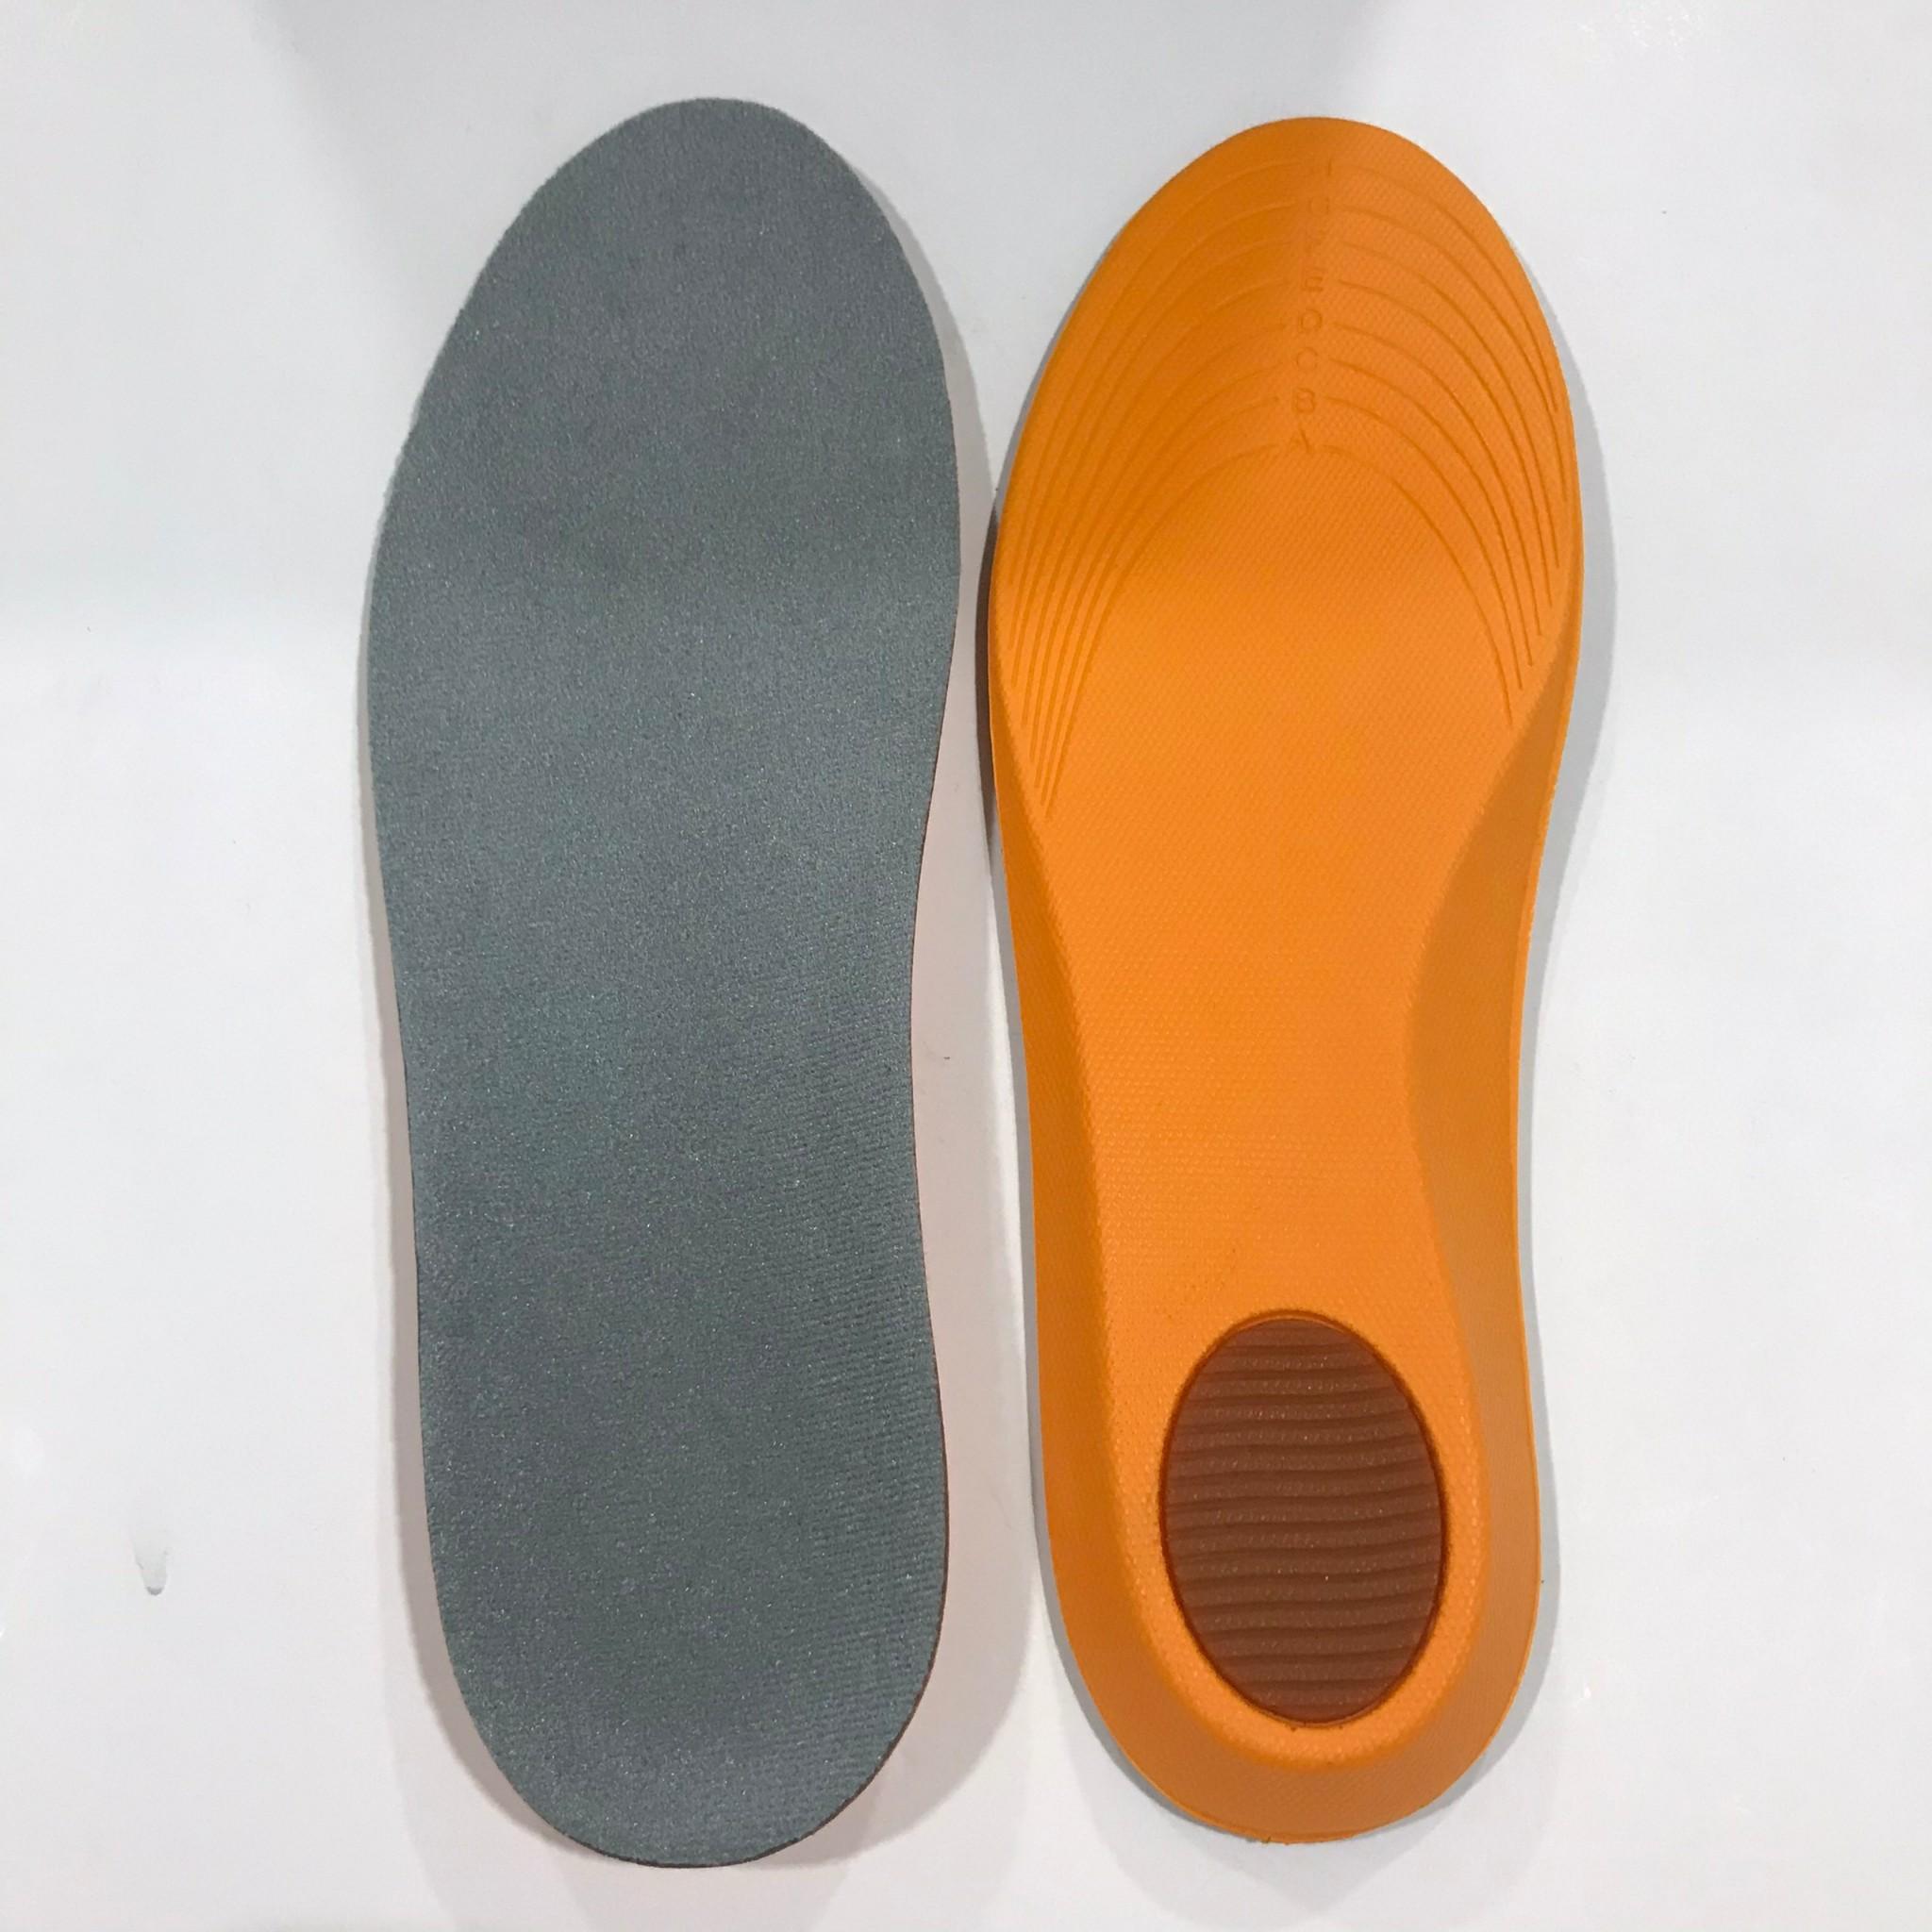 Miếng lót giày nam nữ unisex UBL AG2926